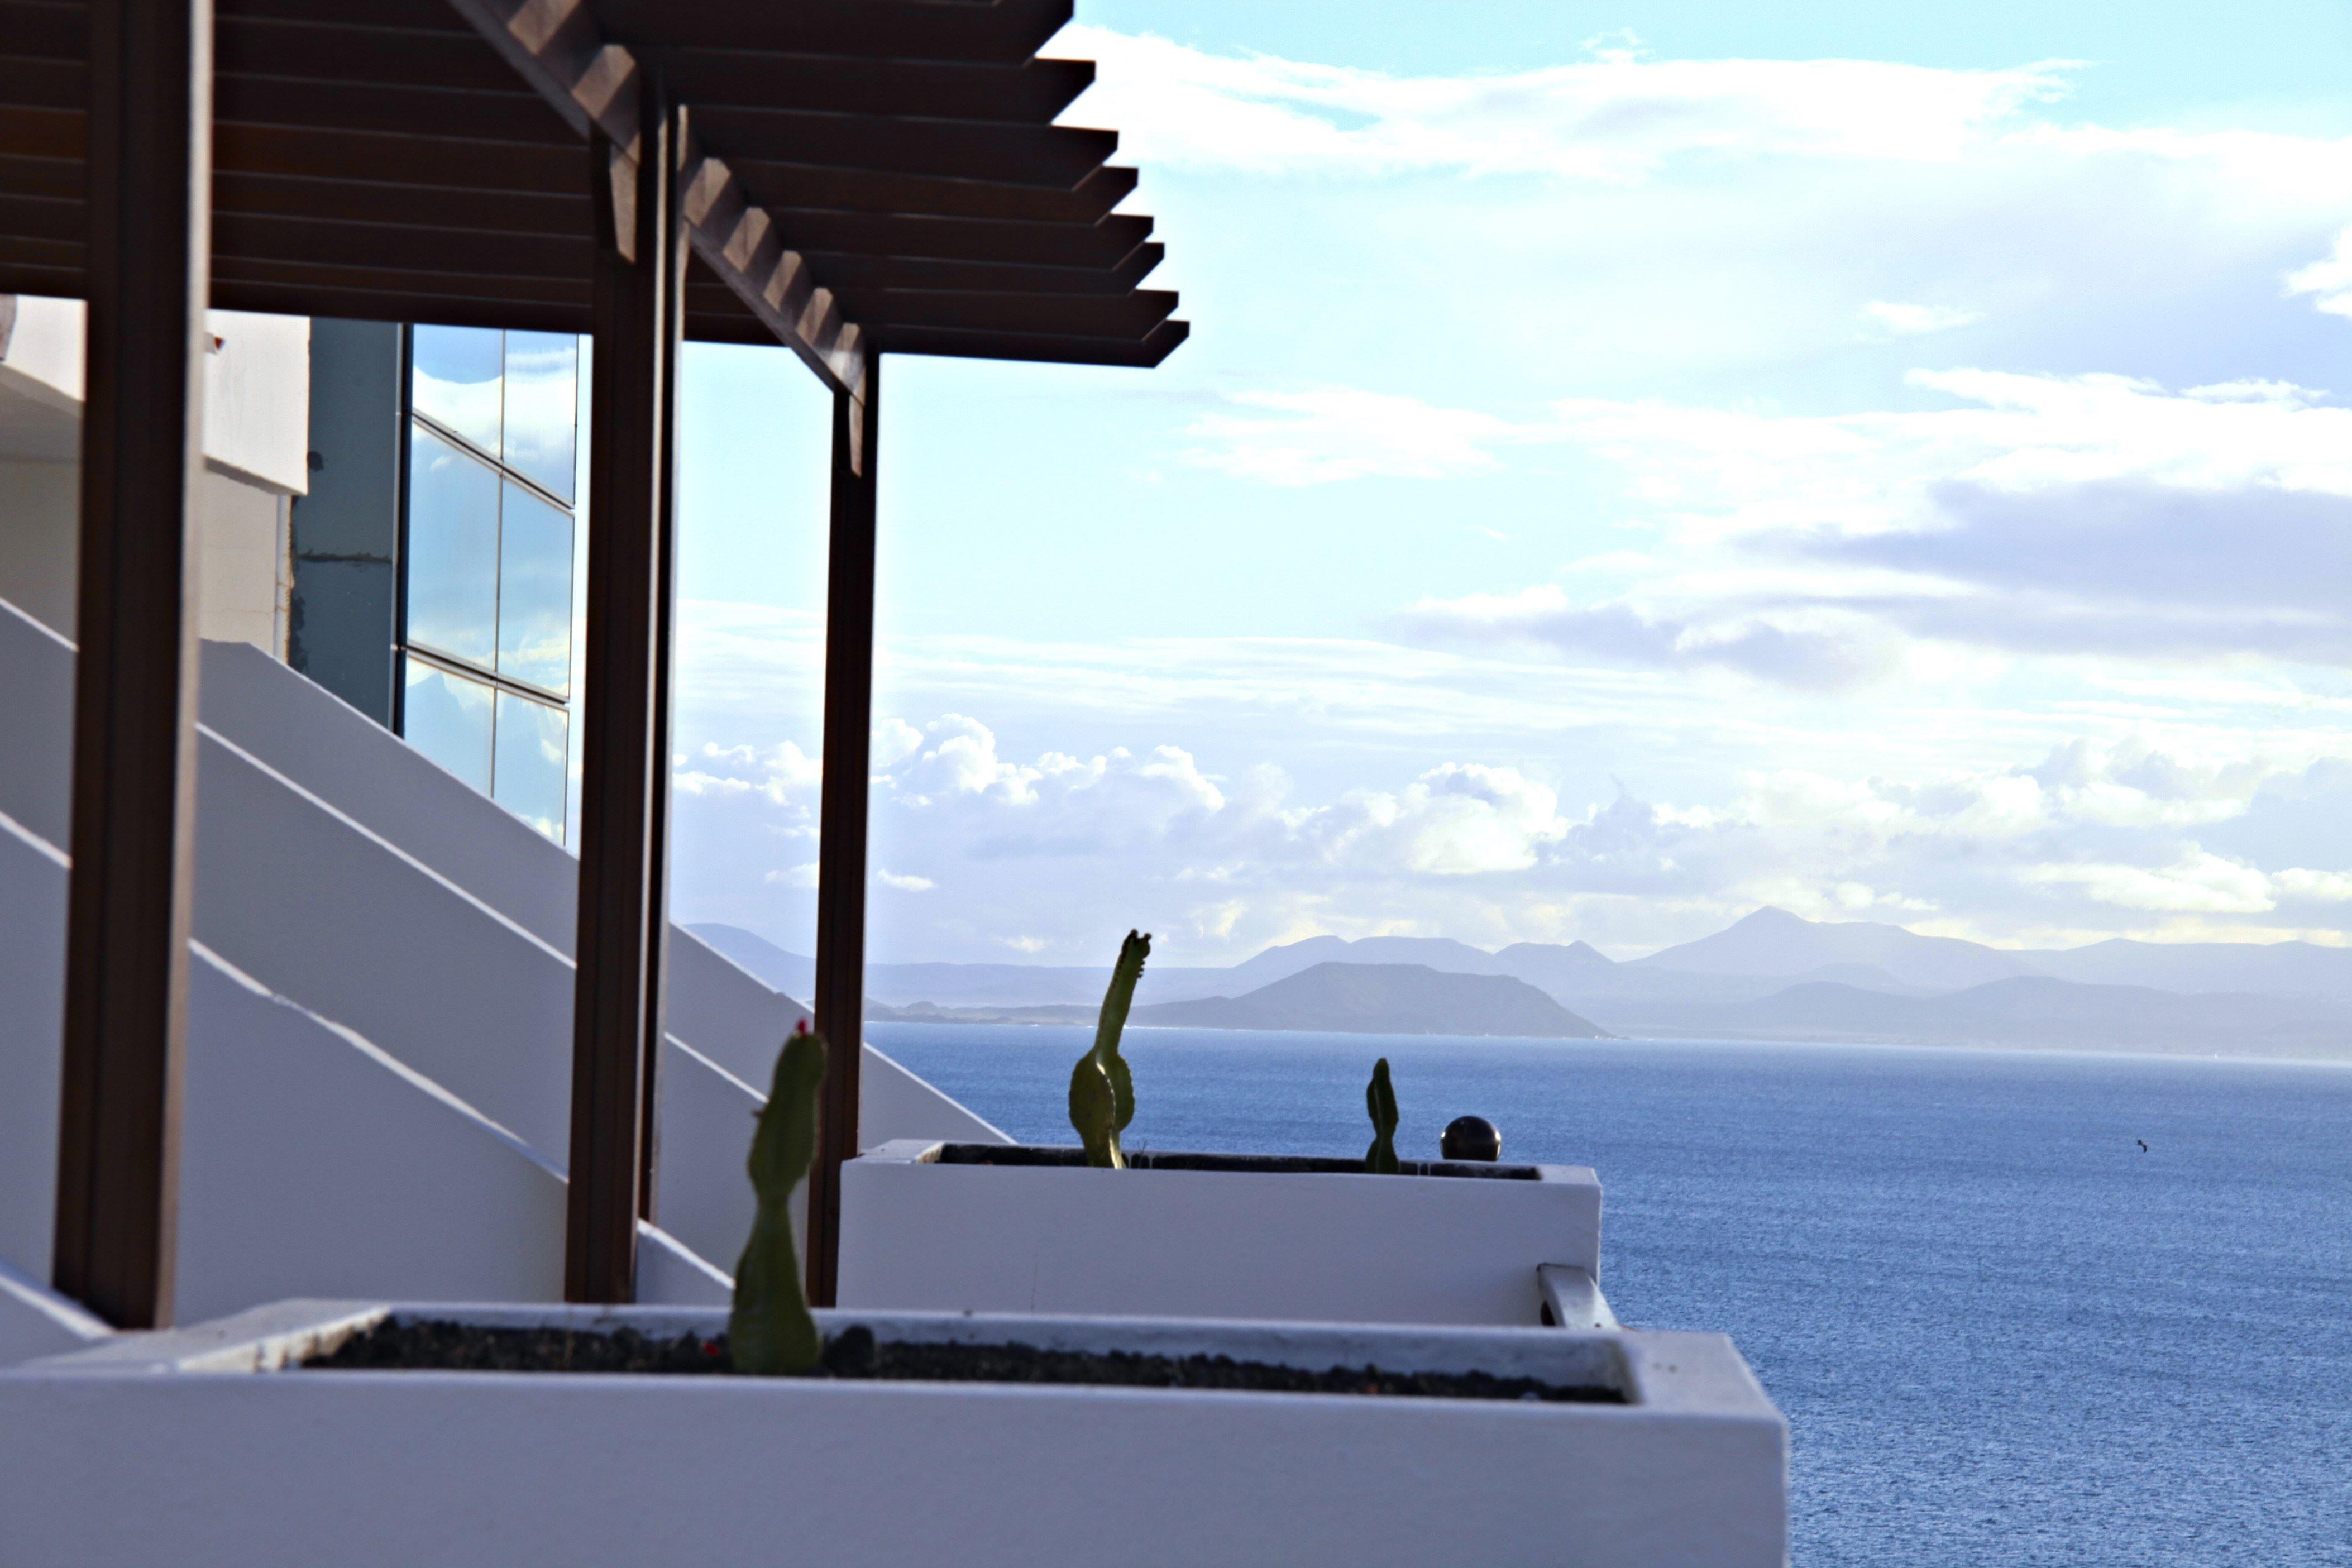 Utsikt över havet på Hotell Sandos Papagayo Beach Resort, Playa Blanca Lanzarote